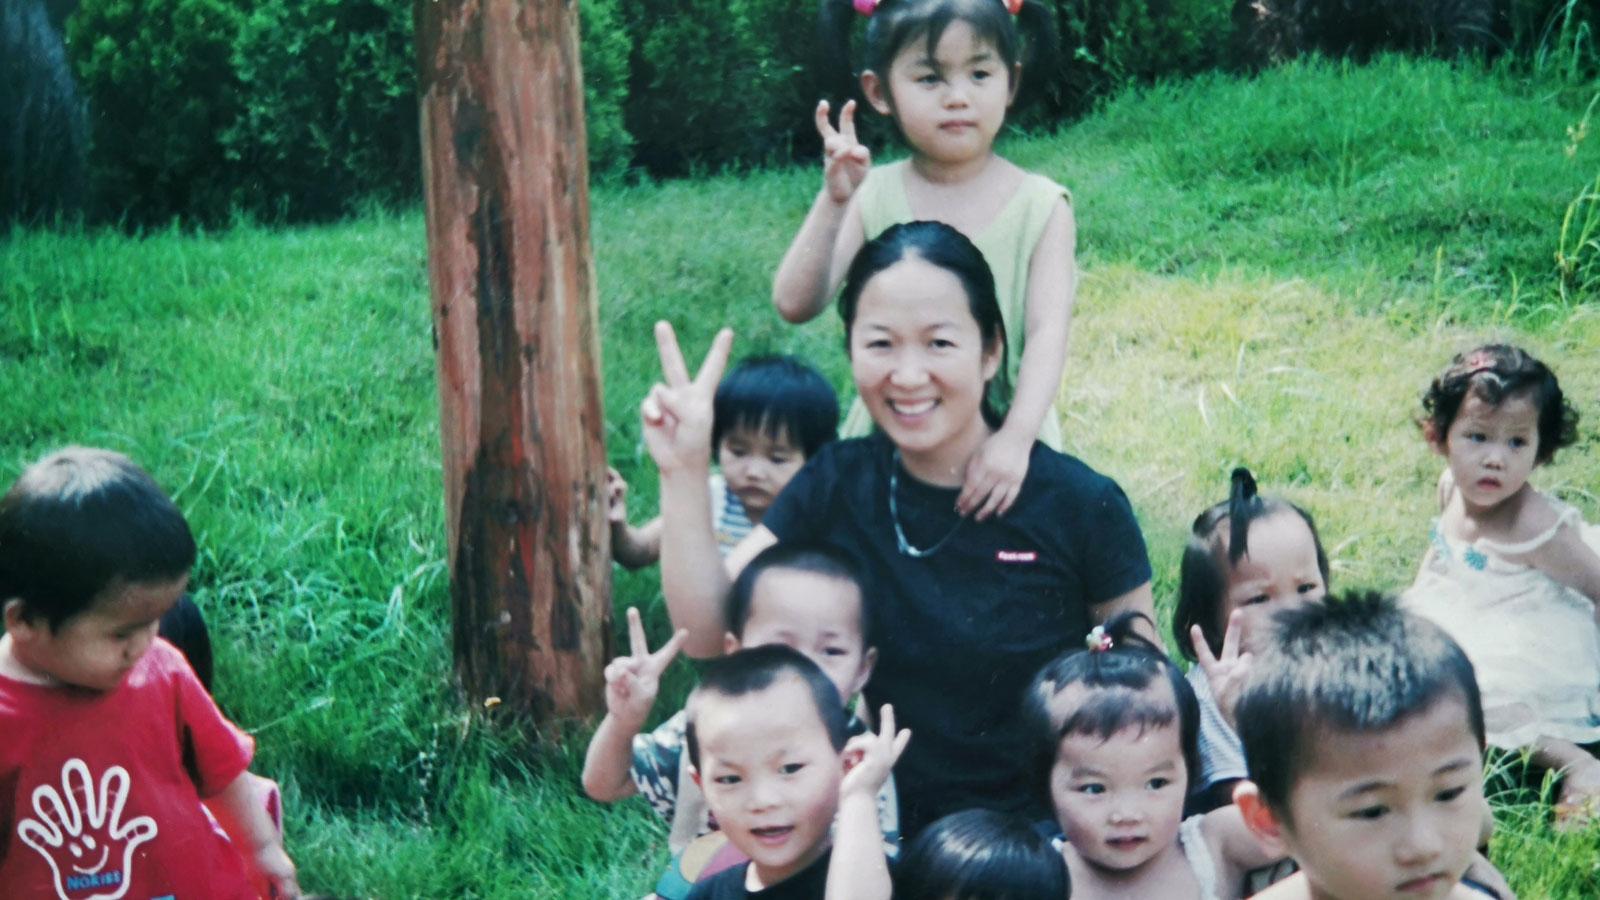 Du Xiaorong